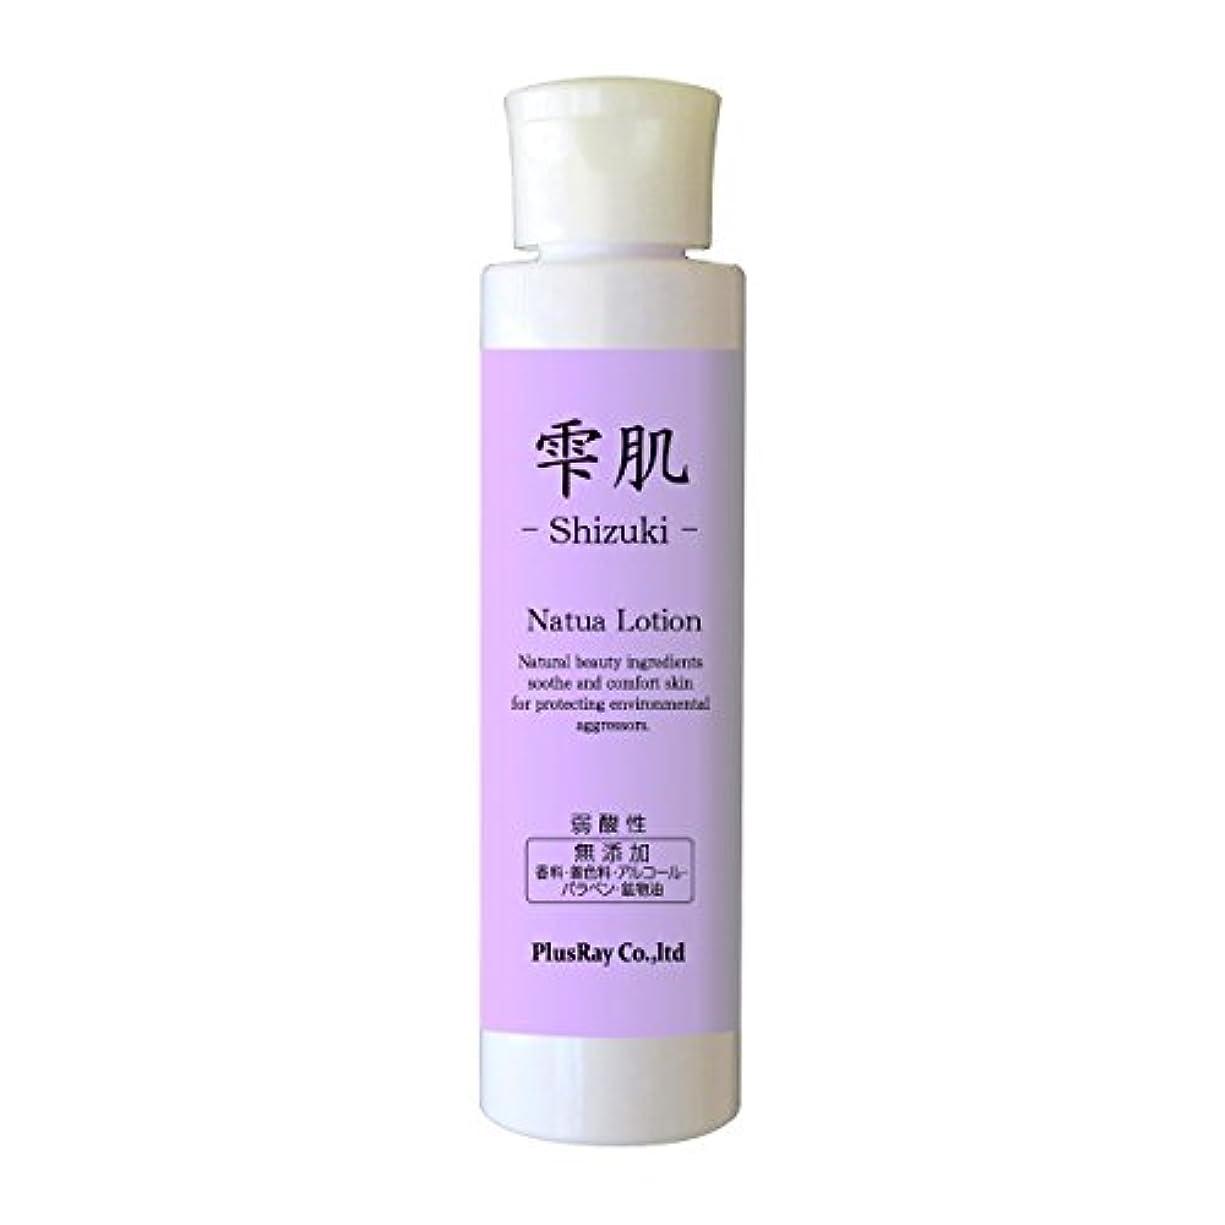 打ち負かすぬるい変えるプラスレイ(PlusRay)化粧品 ナチュアローション 雫肌 しづき アズレン 化粧水